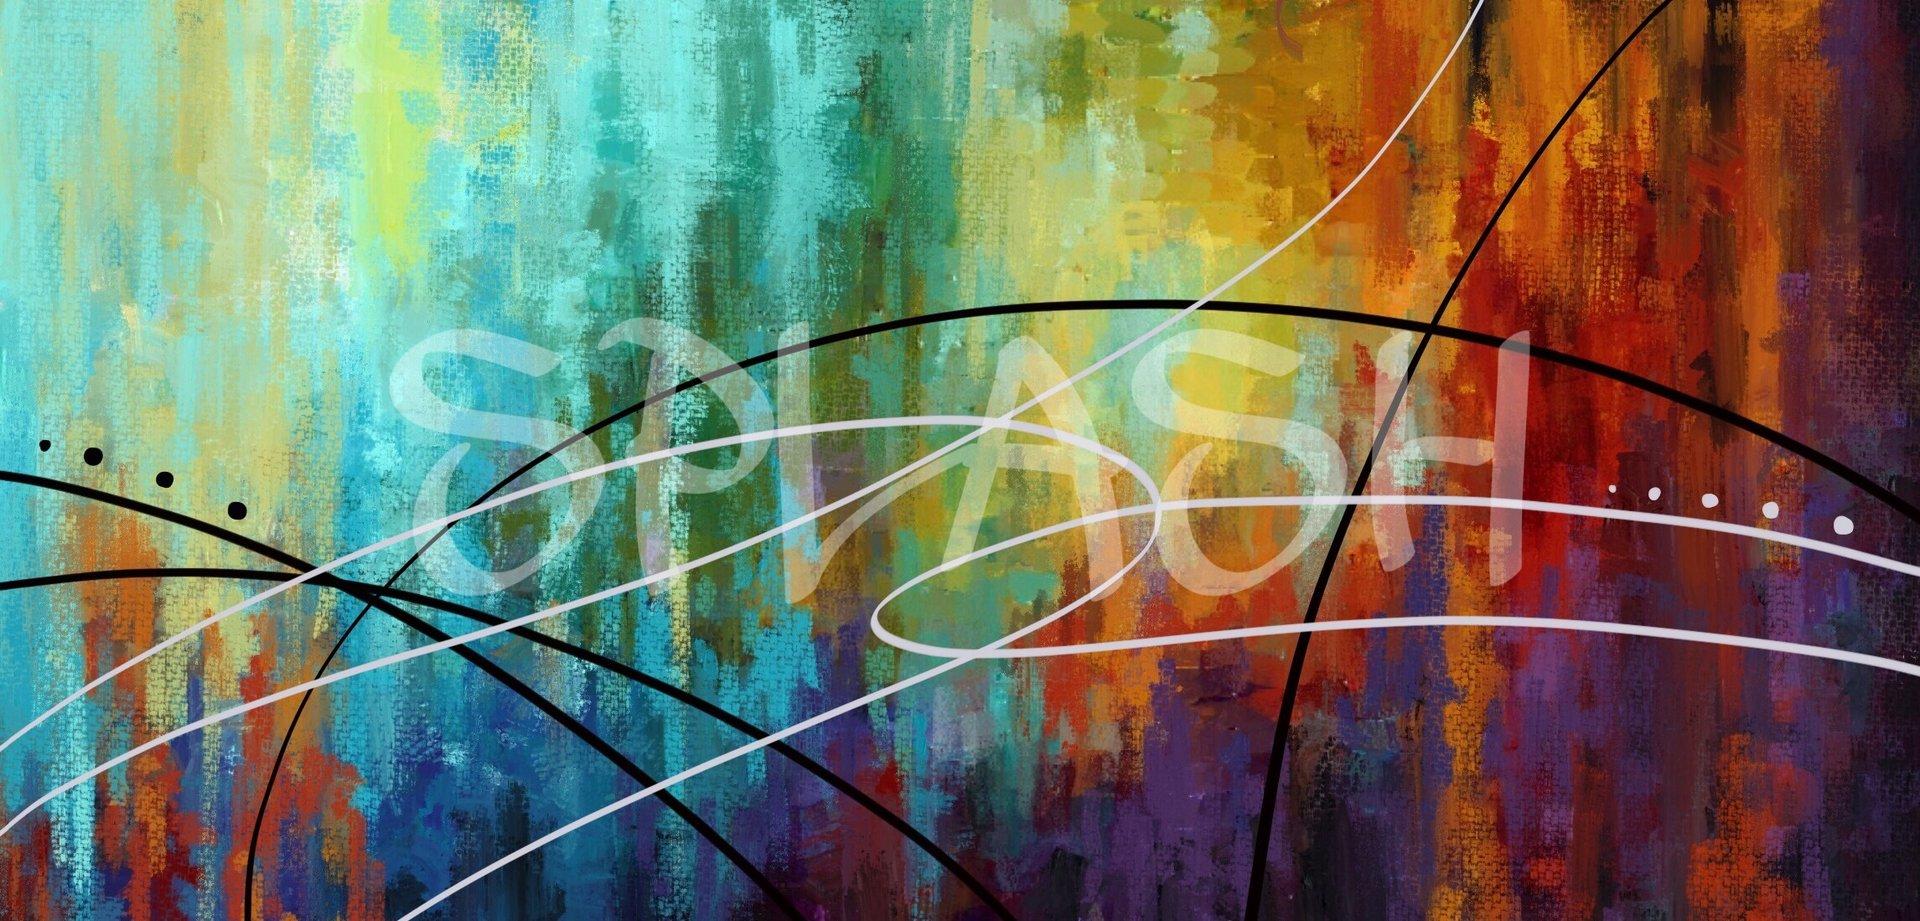 Cuadros abstractos cuadro multicolor moderno cuadros splash for Imagenes de cuadros abstractos rusticos